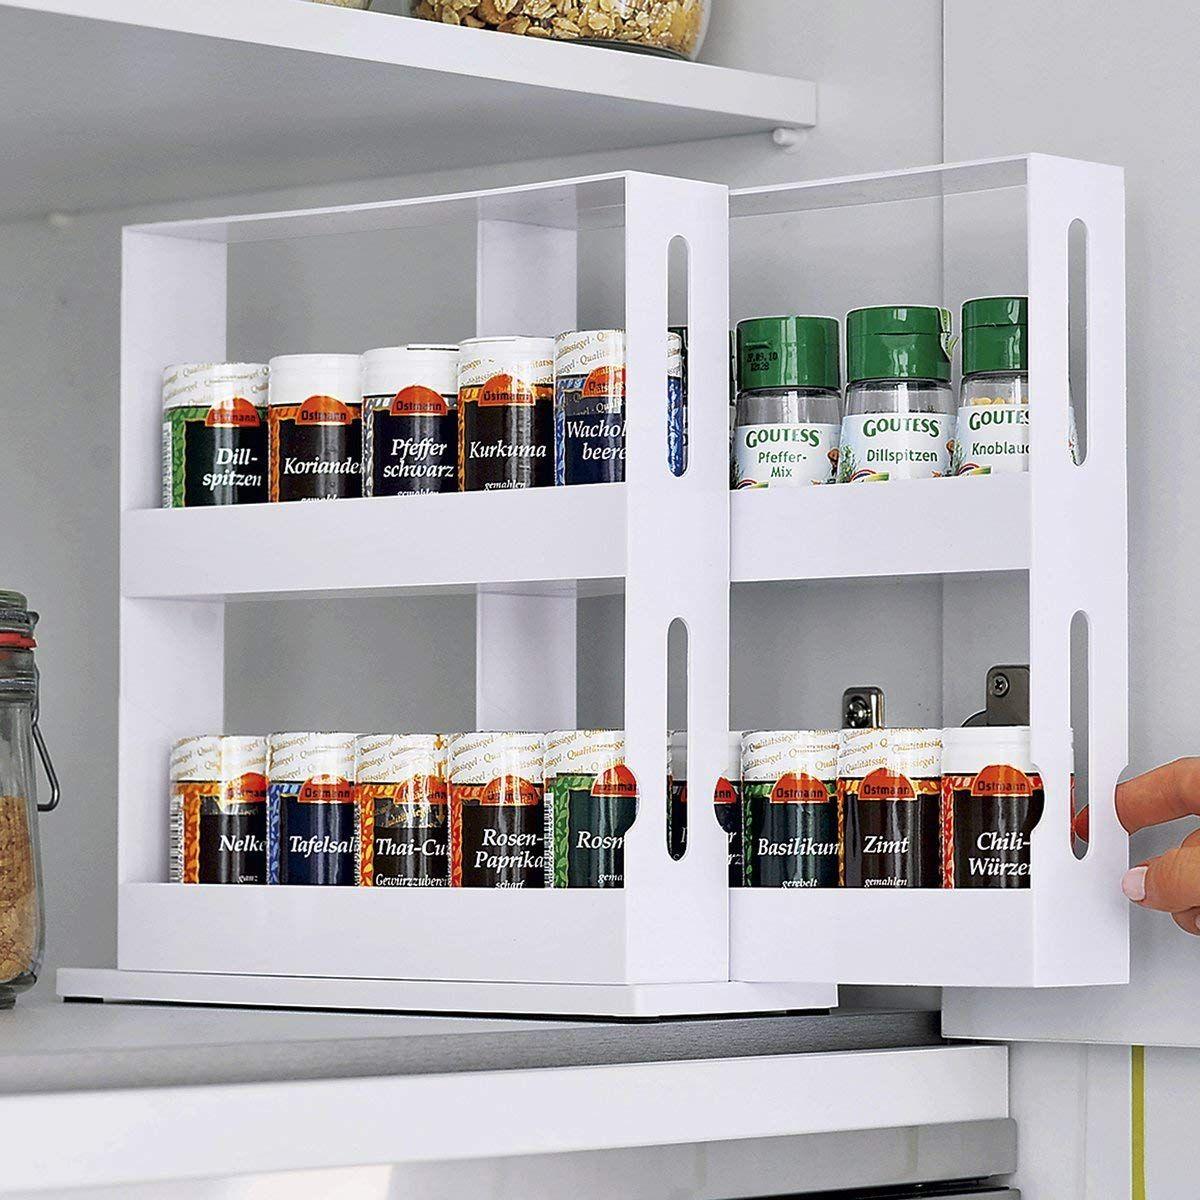 Küchenschränke in der garage genialo gewürzregal clou drehbarer gewürzständer für dosen und